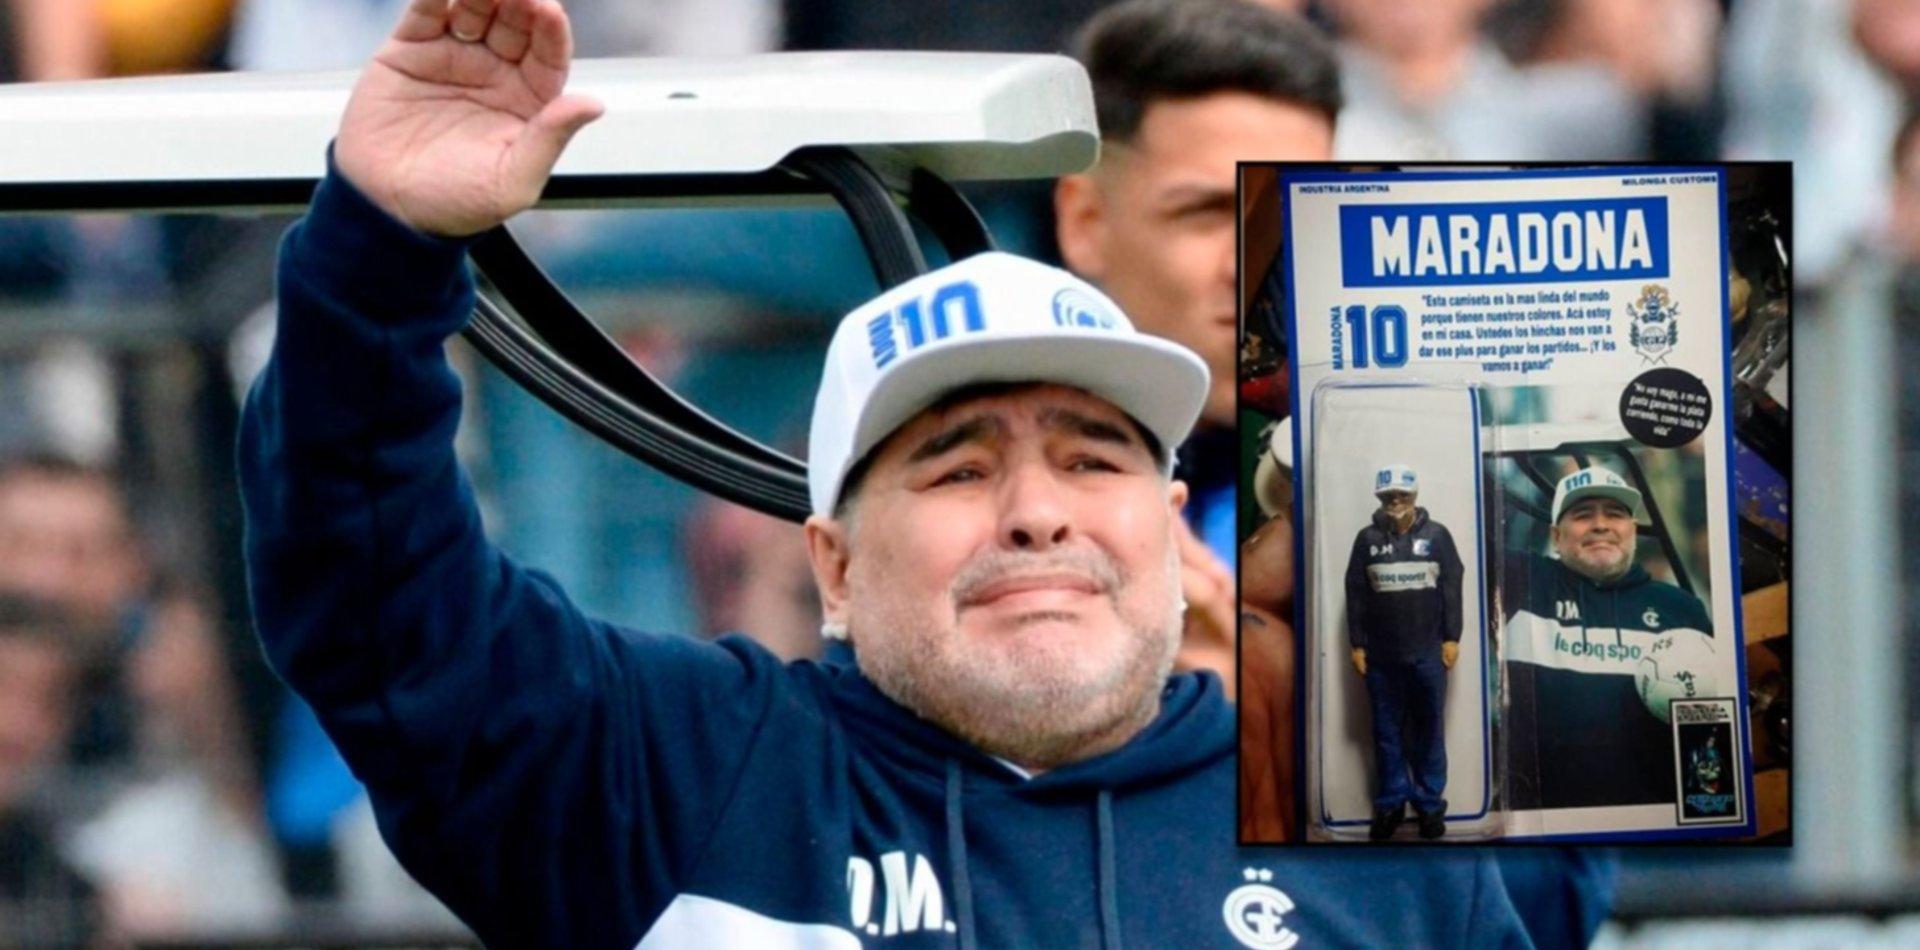 La versión tripera de Maradona ya tiene un muñeco en miniatura y se vende en Internet